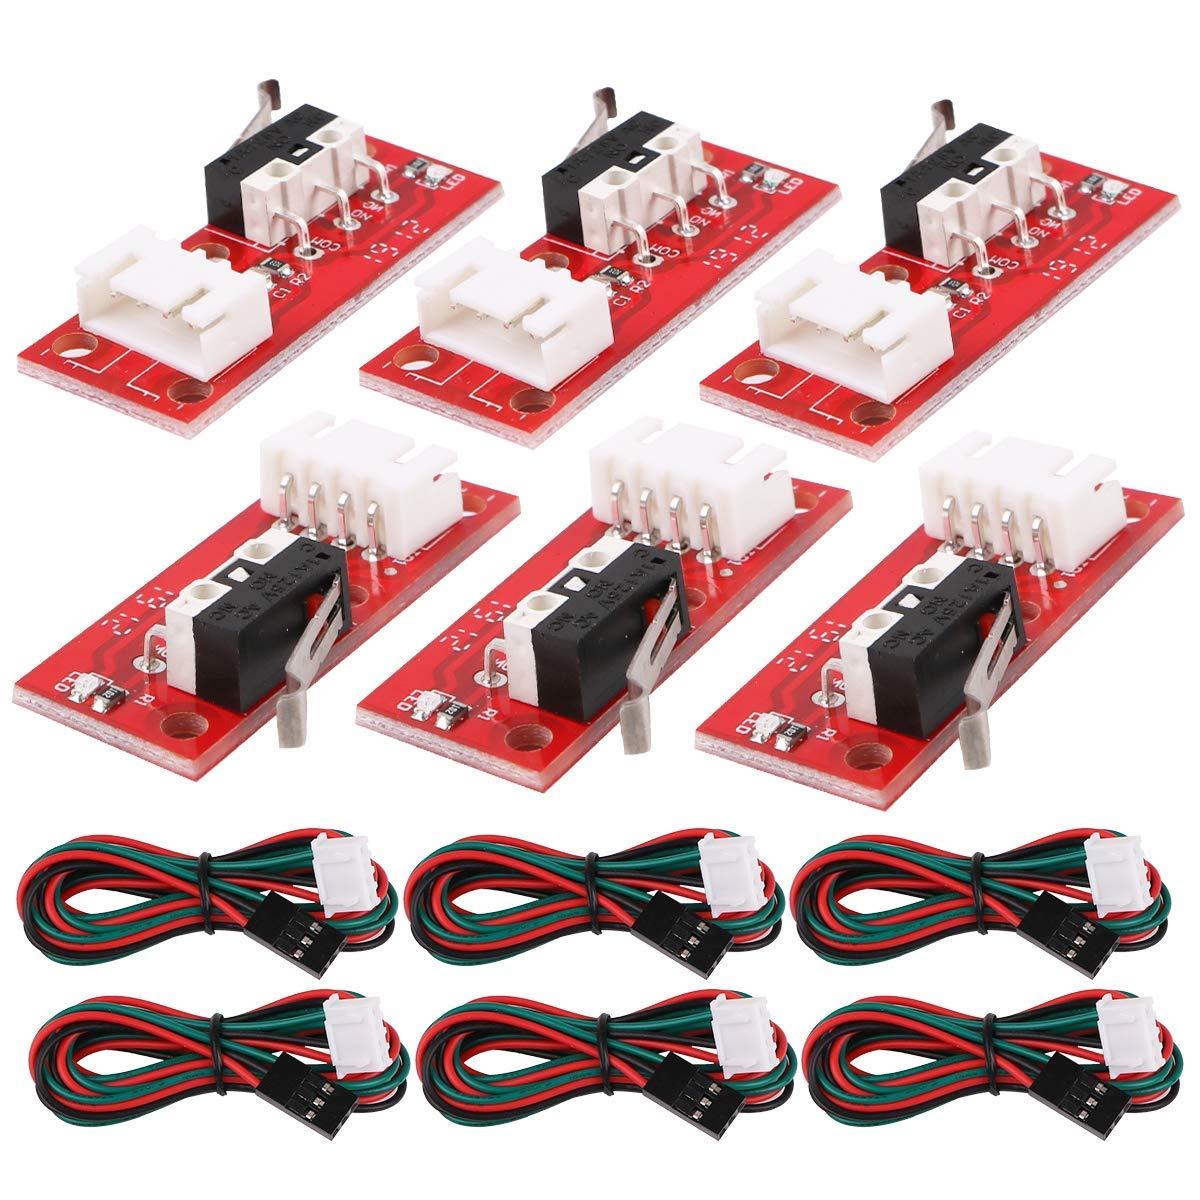 Innovateking-EU 6Pcs Interrupteur de Fin de Course mécanique avec câble 3Pin 70cm 22AWG pour imprimante 3D Makerbot Prusa Mendel RepRap CNC Arduino Mega 2560 RAMPS 1.4 LKB01